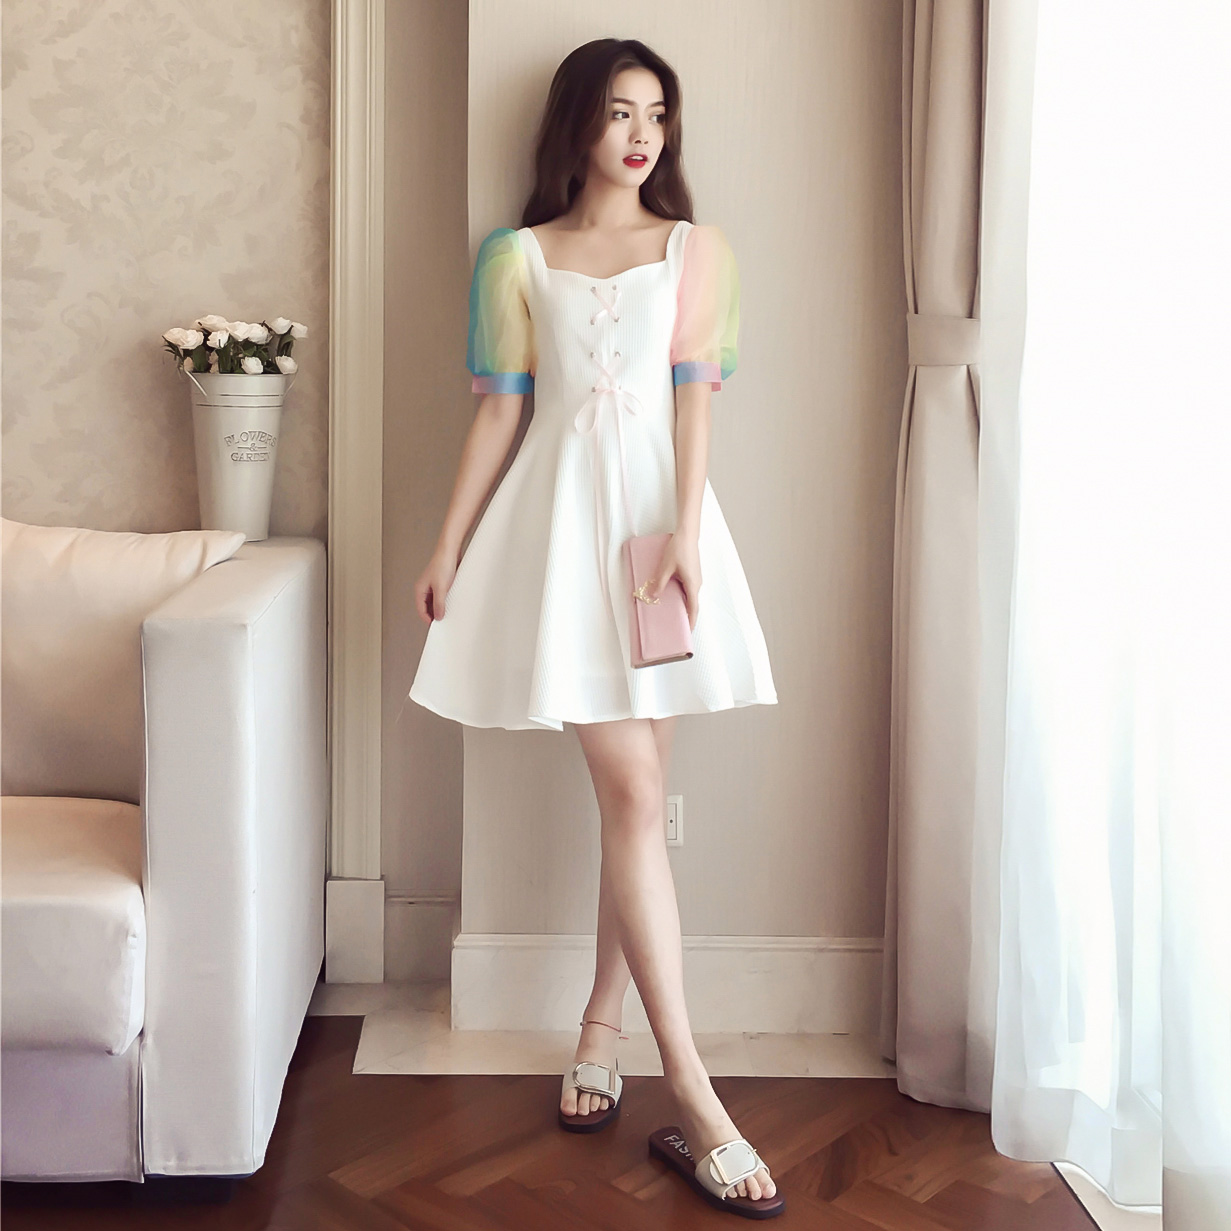 [Giá thấp giải phóng mặt bằng tại chỗ flash] cầu vồng phun tay áo cô gái trái tim một từ váy trắng tie cao eo váy